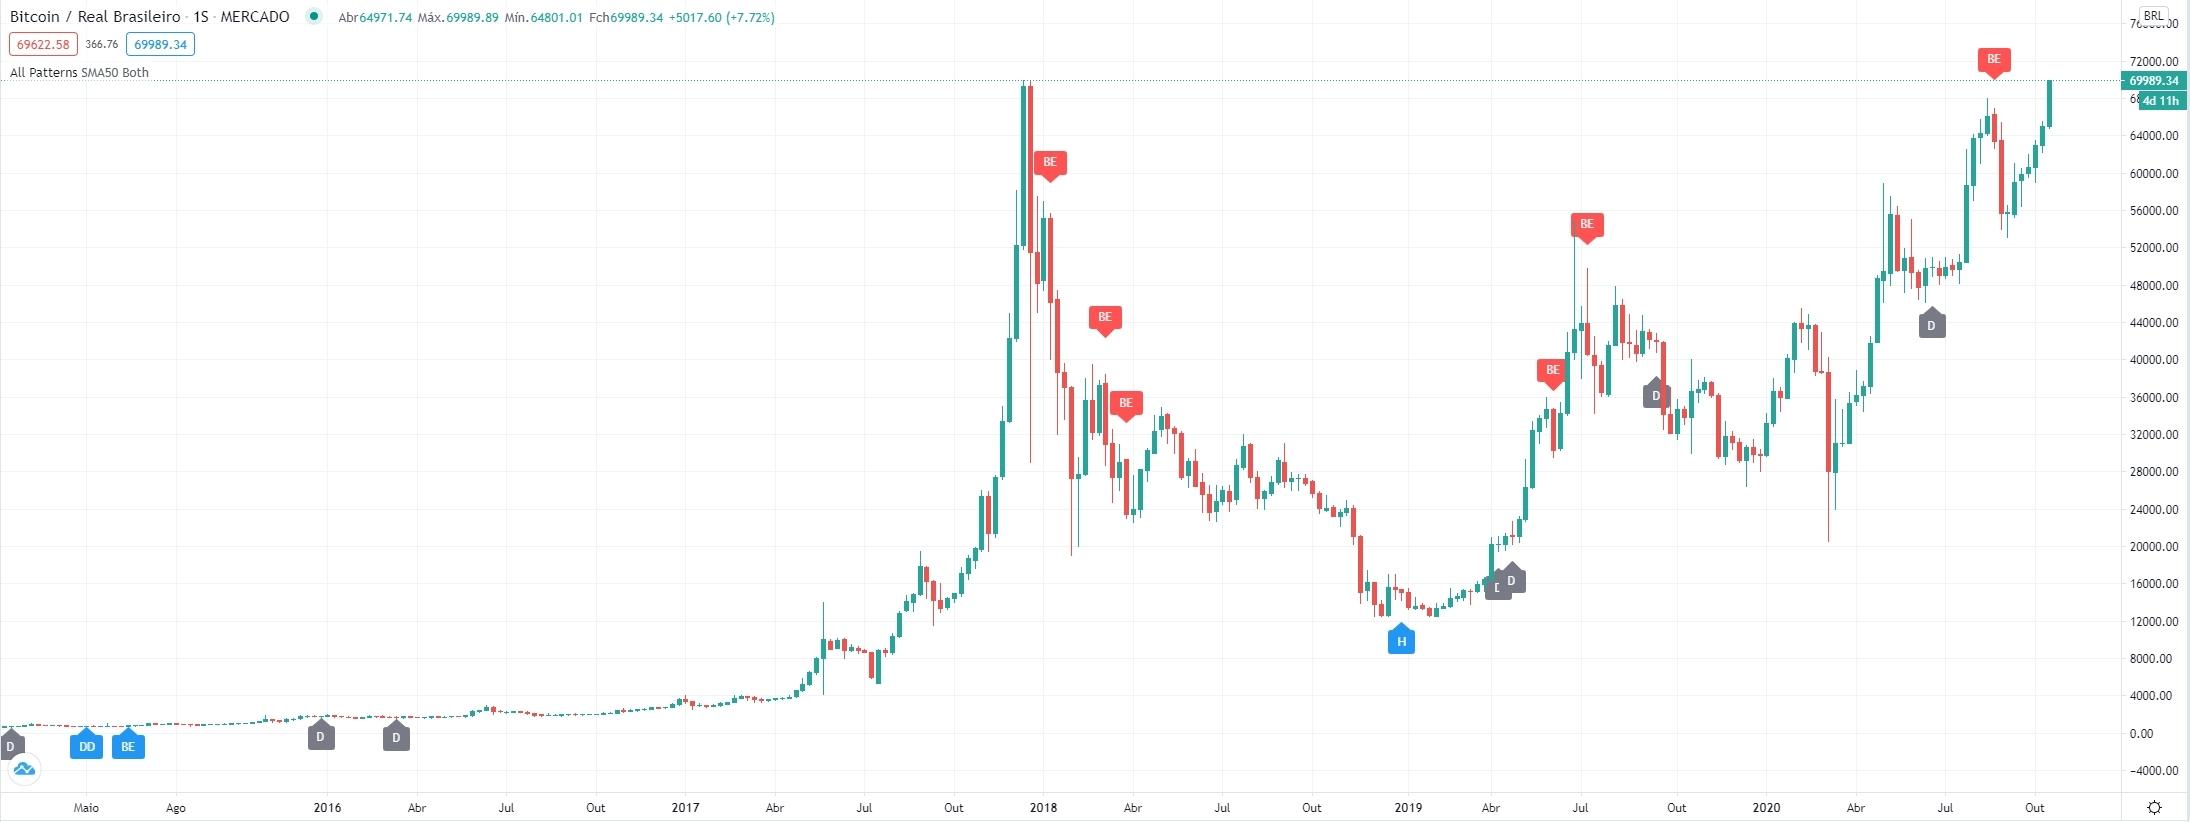 Bitcoin/Real